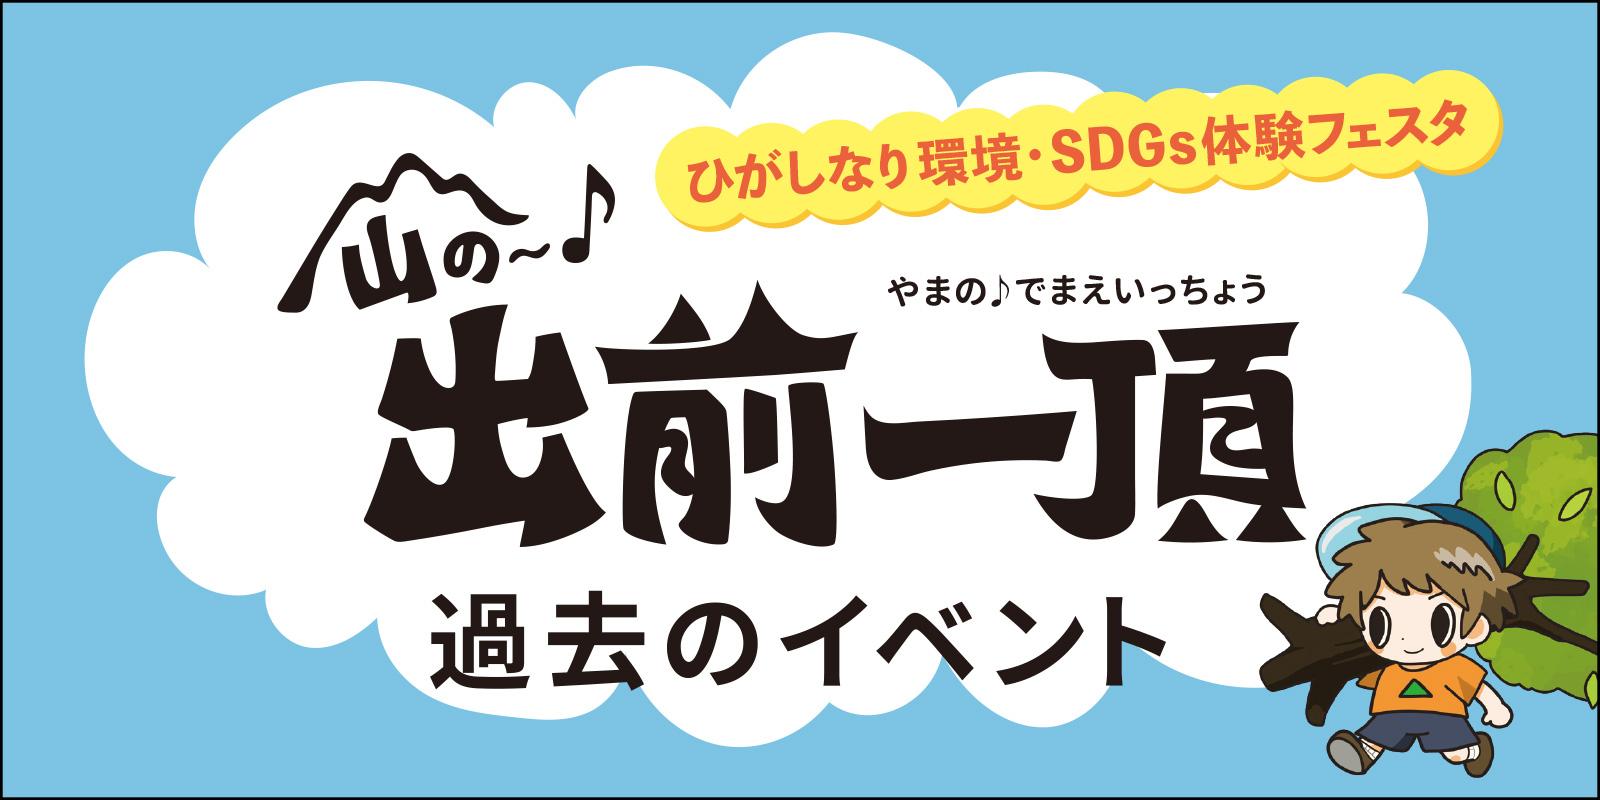 環境・SDGs体験フェスタ 山の出前一頂vol.2(大阪市東成区)ひがしなりだより